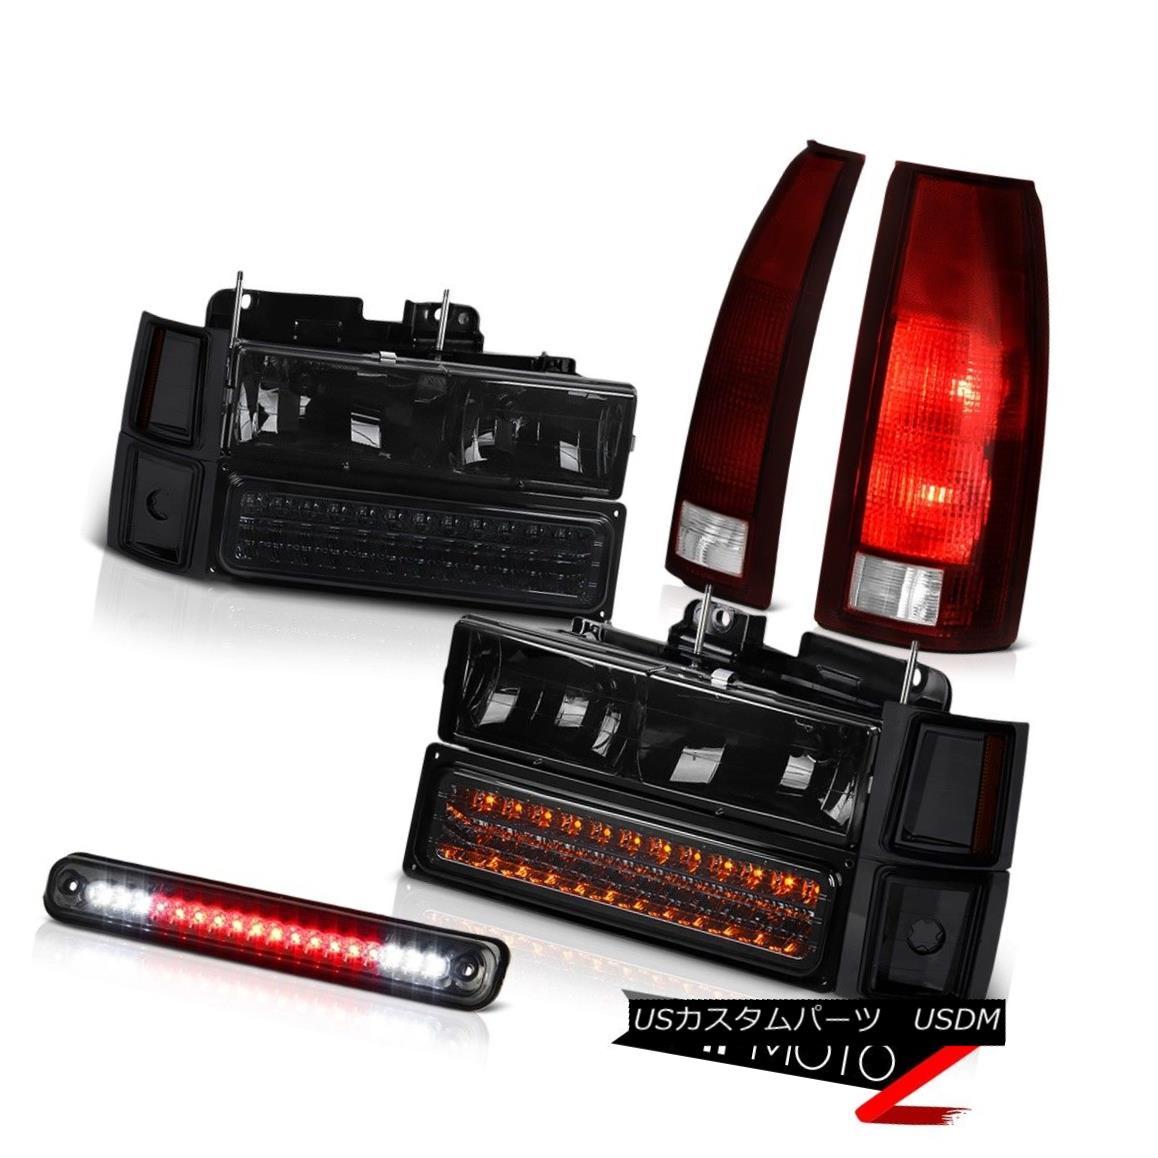 テールライト 94-98 Chevy K3500 Dark Smoke Roof Cab Light Taillights 8Pcs Headlight Combo LED 94-98シボレーK3500ダークスモーク屋根キャブライトテールライト8個のヘッドライトコンボLED